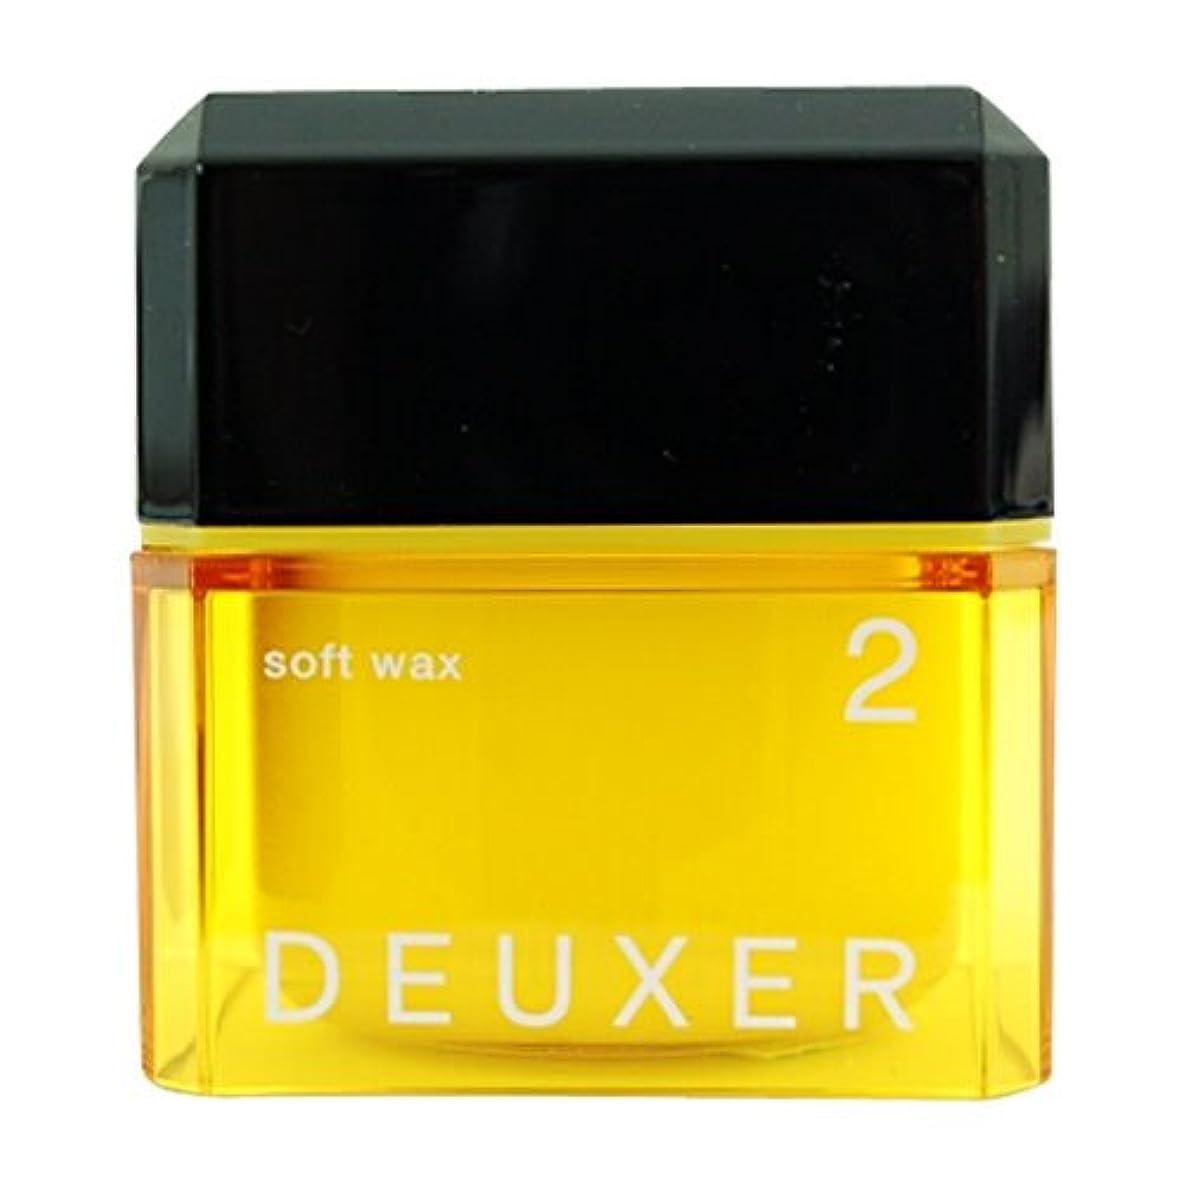 感度ヒープ密ナンバースリー DEUXER(デューサー) ソフトワックス 2 80g